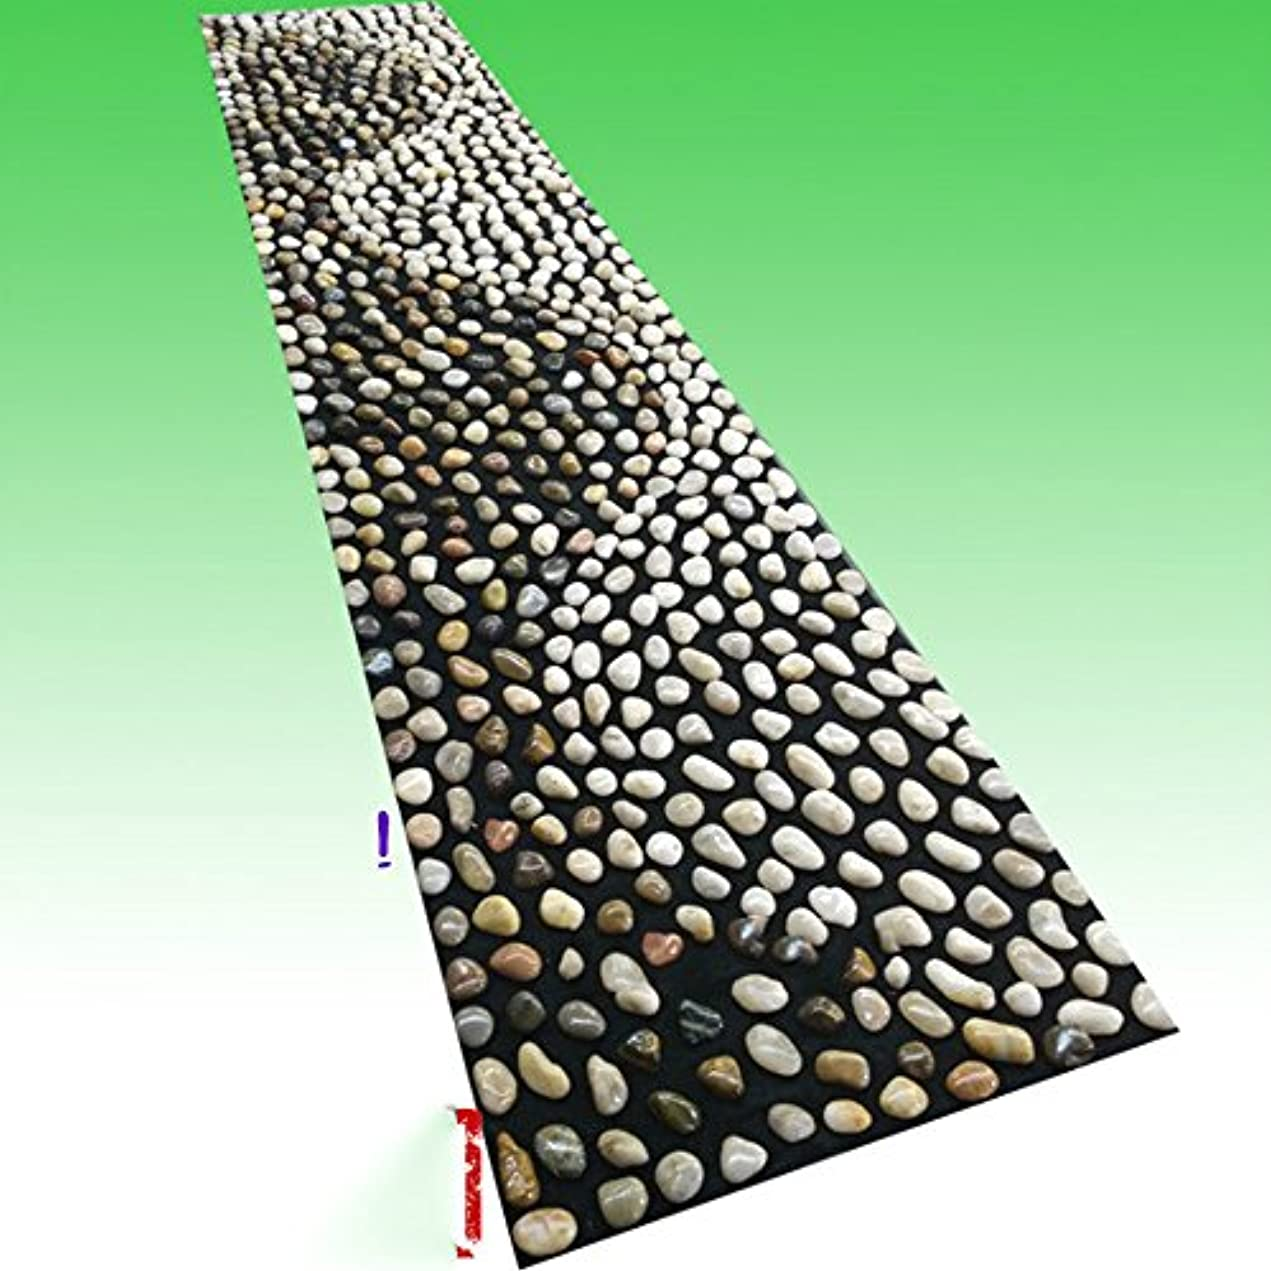 迷惑カード定義足つぼ マット マッサージシート マッサージ 足裏 健康 ツボ刺激 折りたたみ ウォーキングマット 足裏マット 本物の健康 フットマッサージ 足のマッサージパッド 模造石畳の歩道